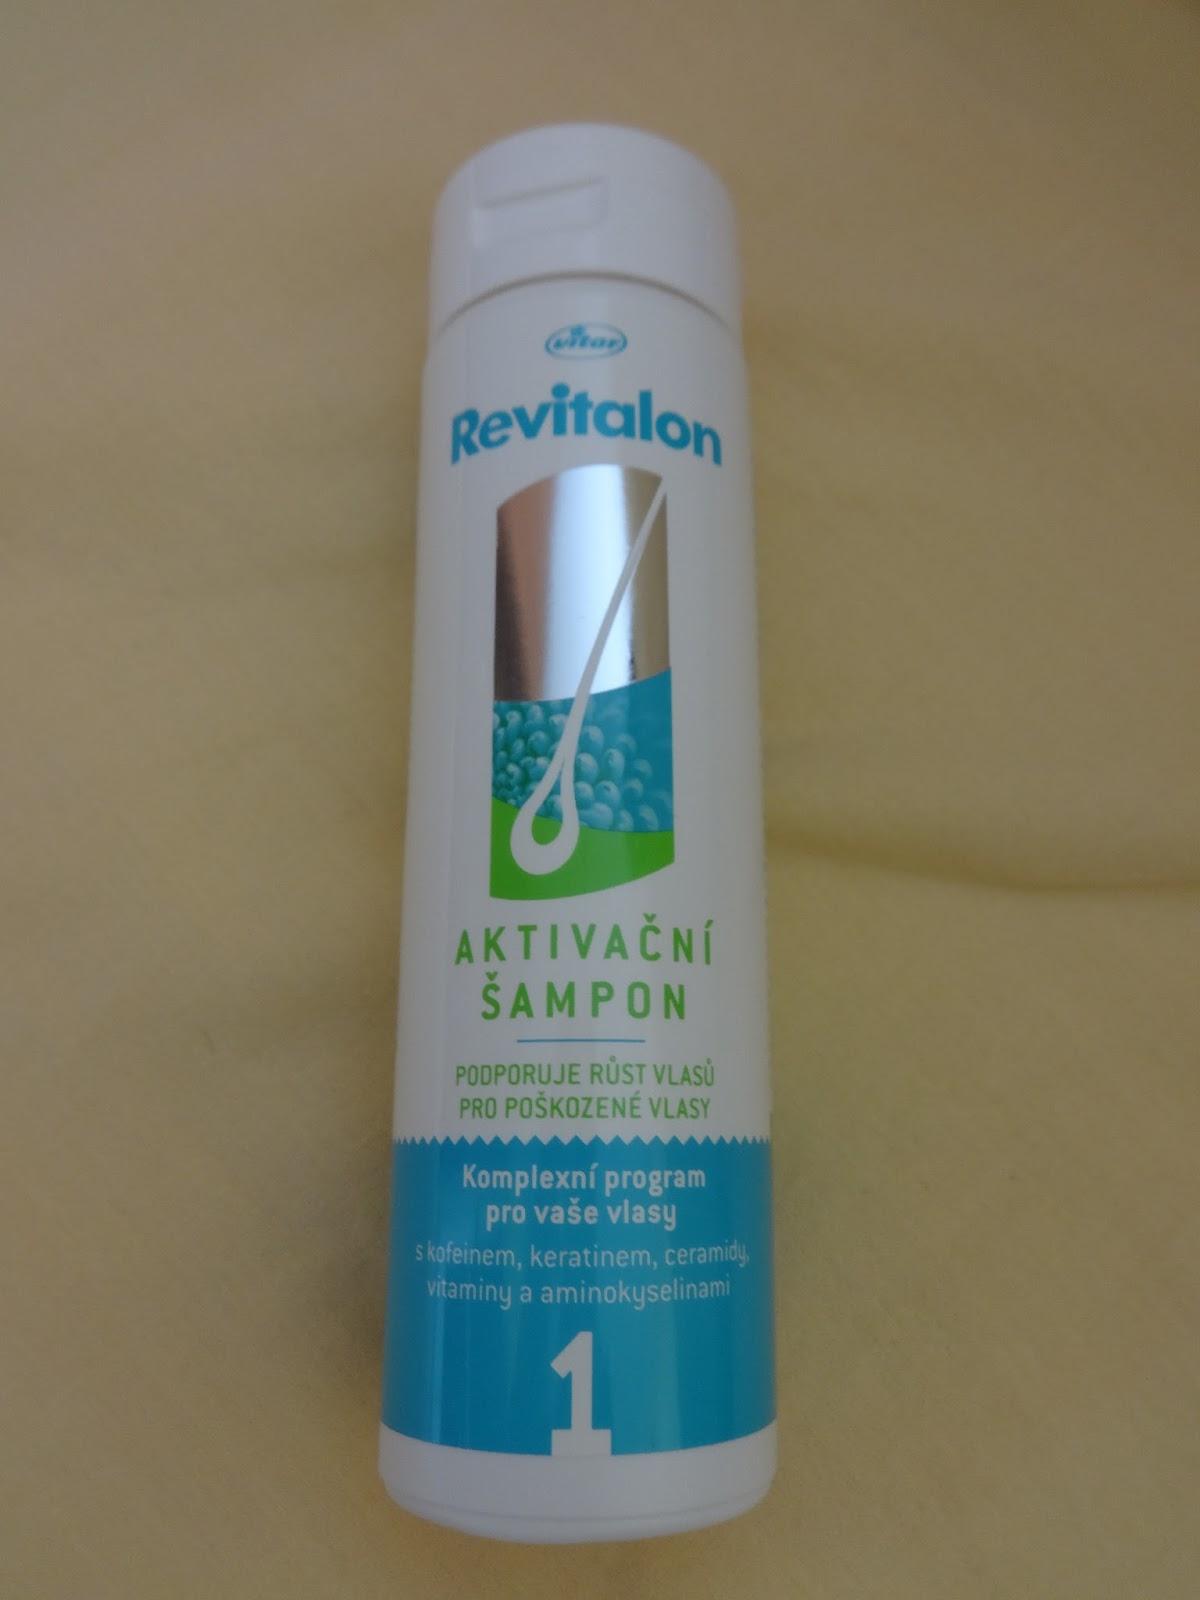 Čo sa týka šampónu farby šampónu bol čisto biely 229d2e4d431